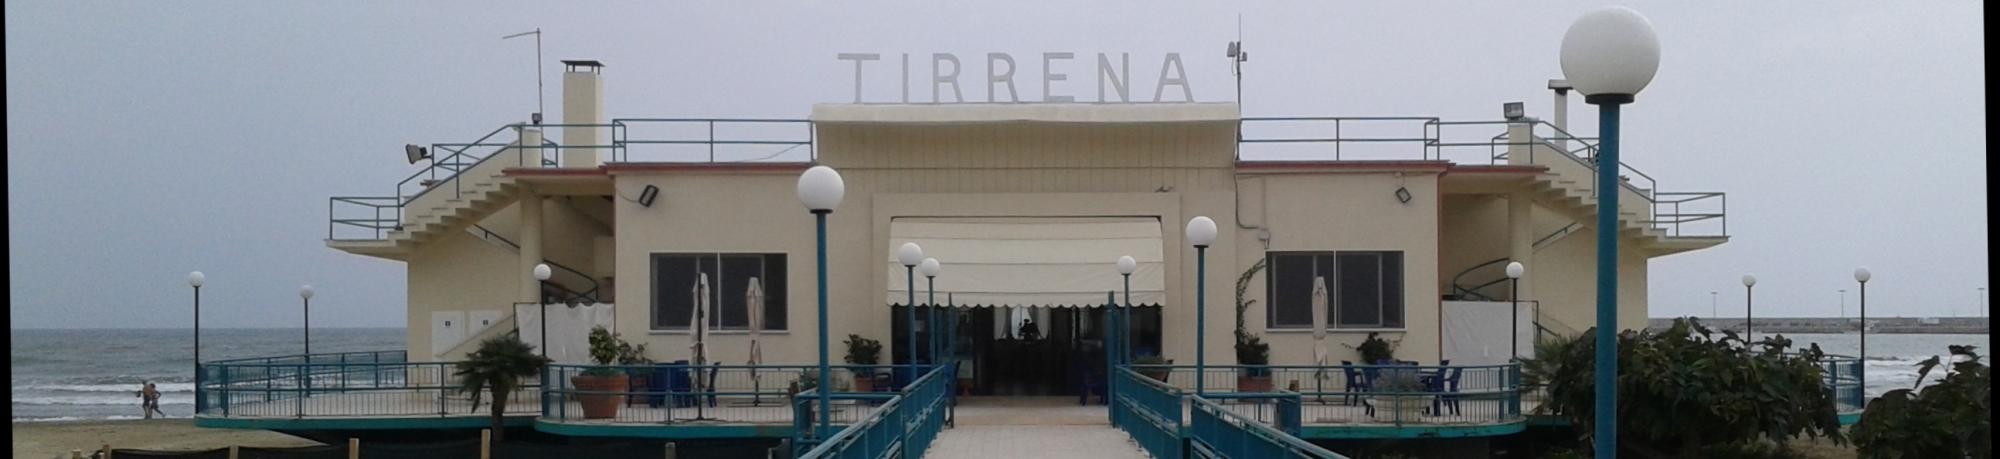 Ristorante Tirrena